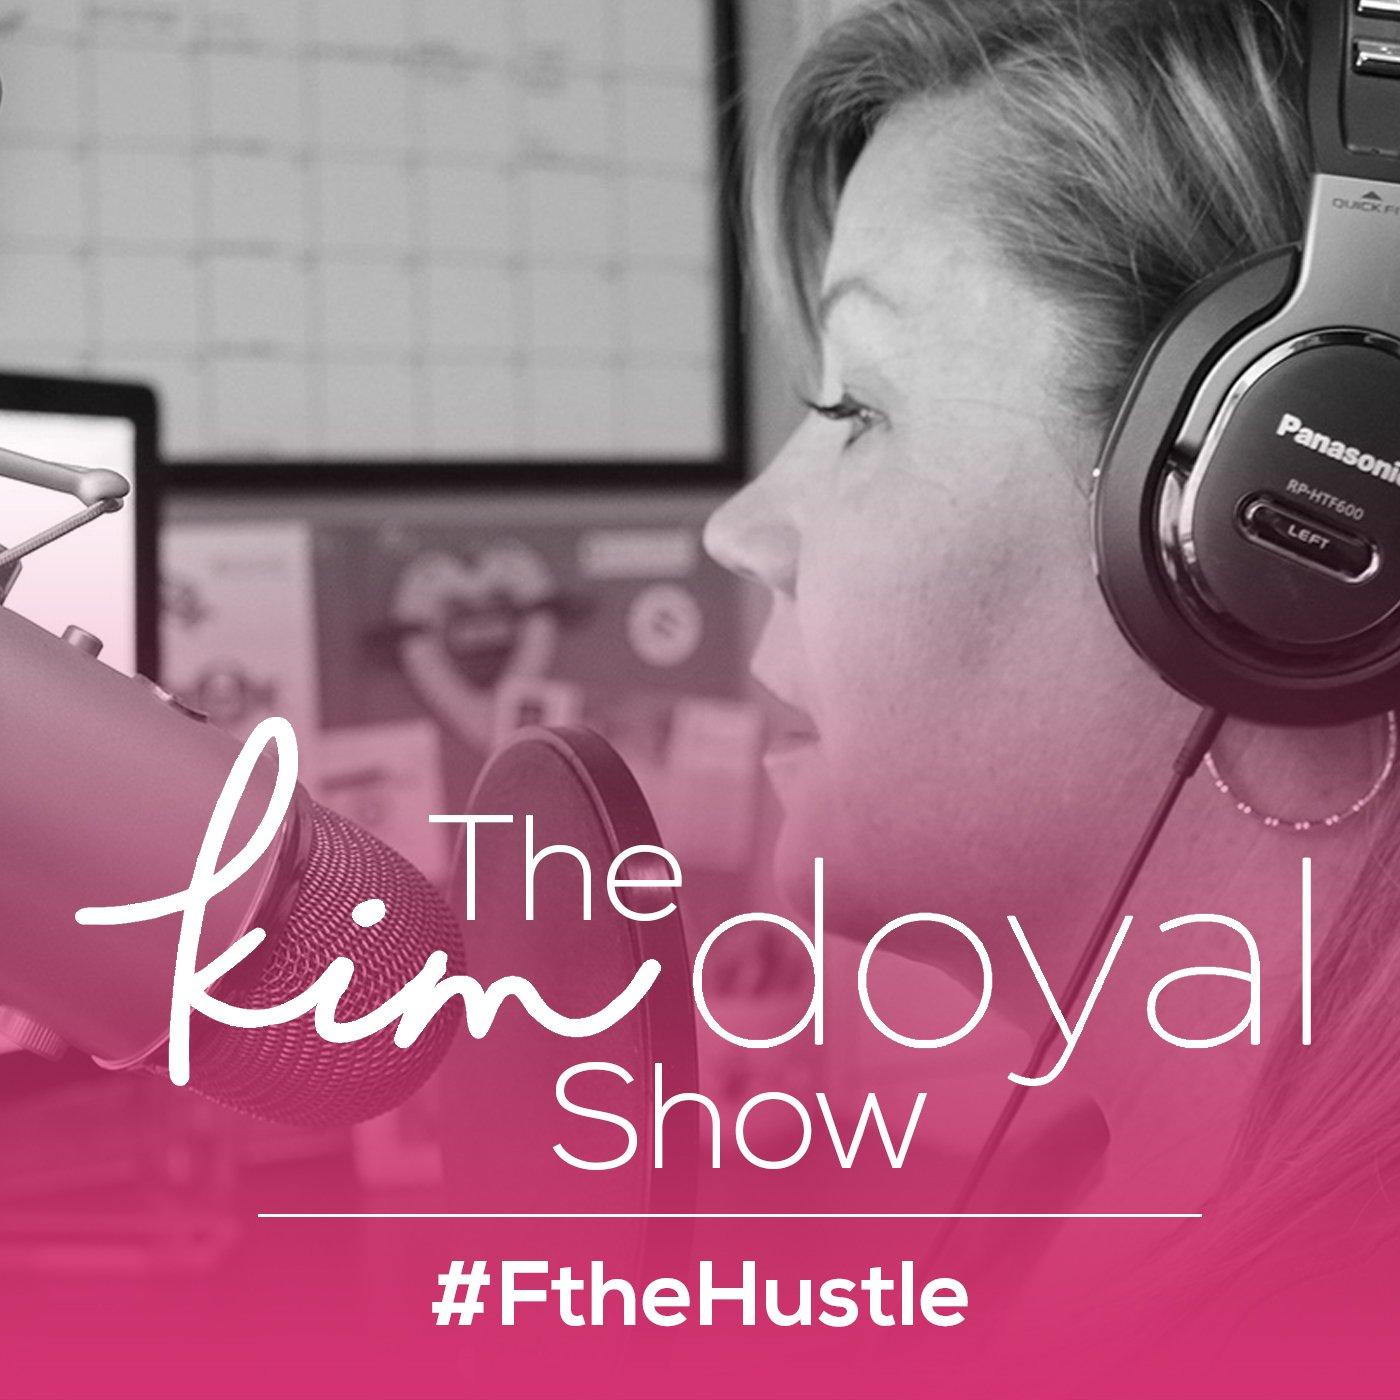 The Kim Doyal Show